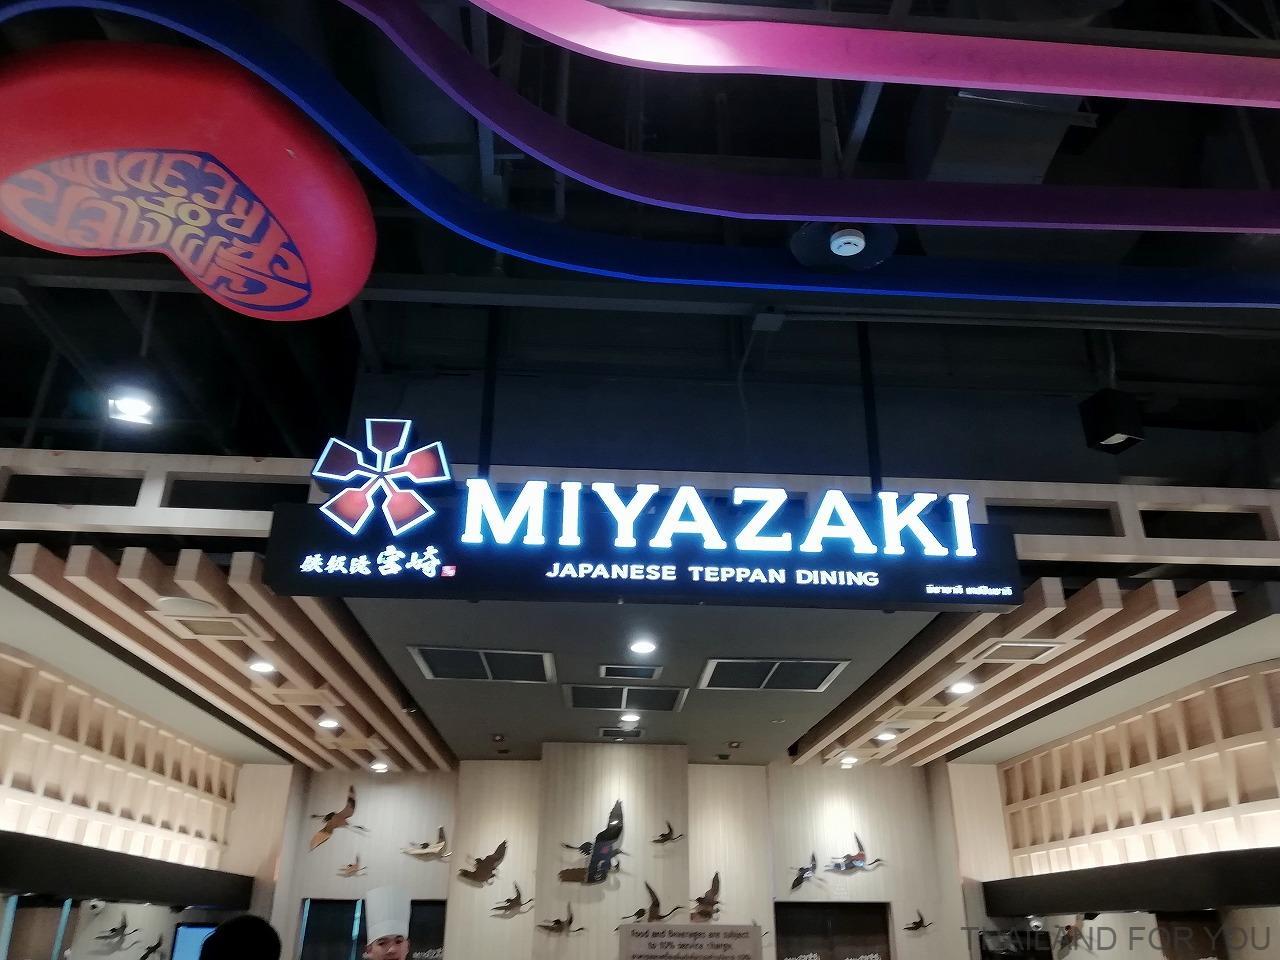 パタヤ ターミナル21 MIYAZAKI